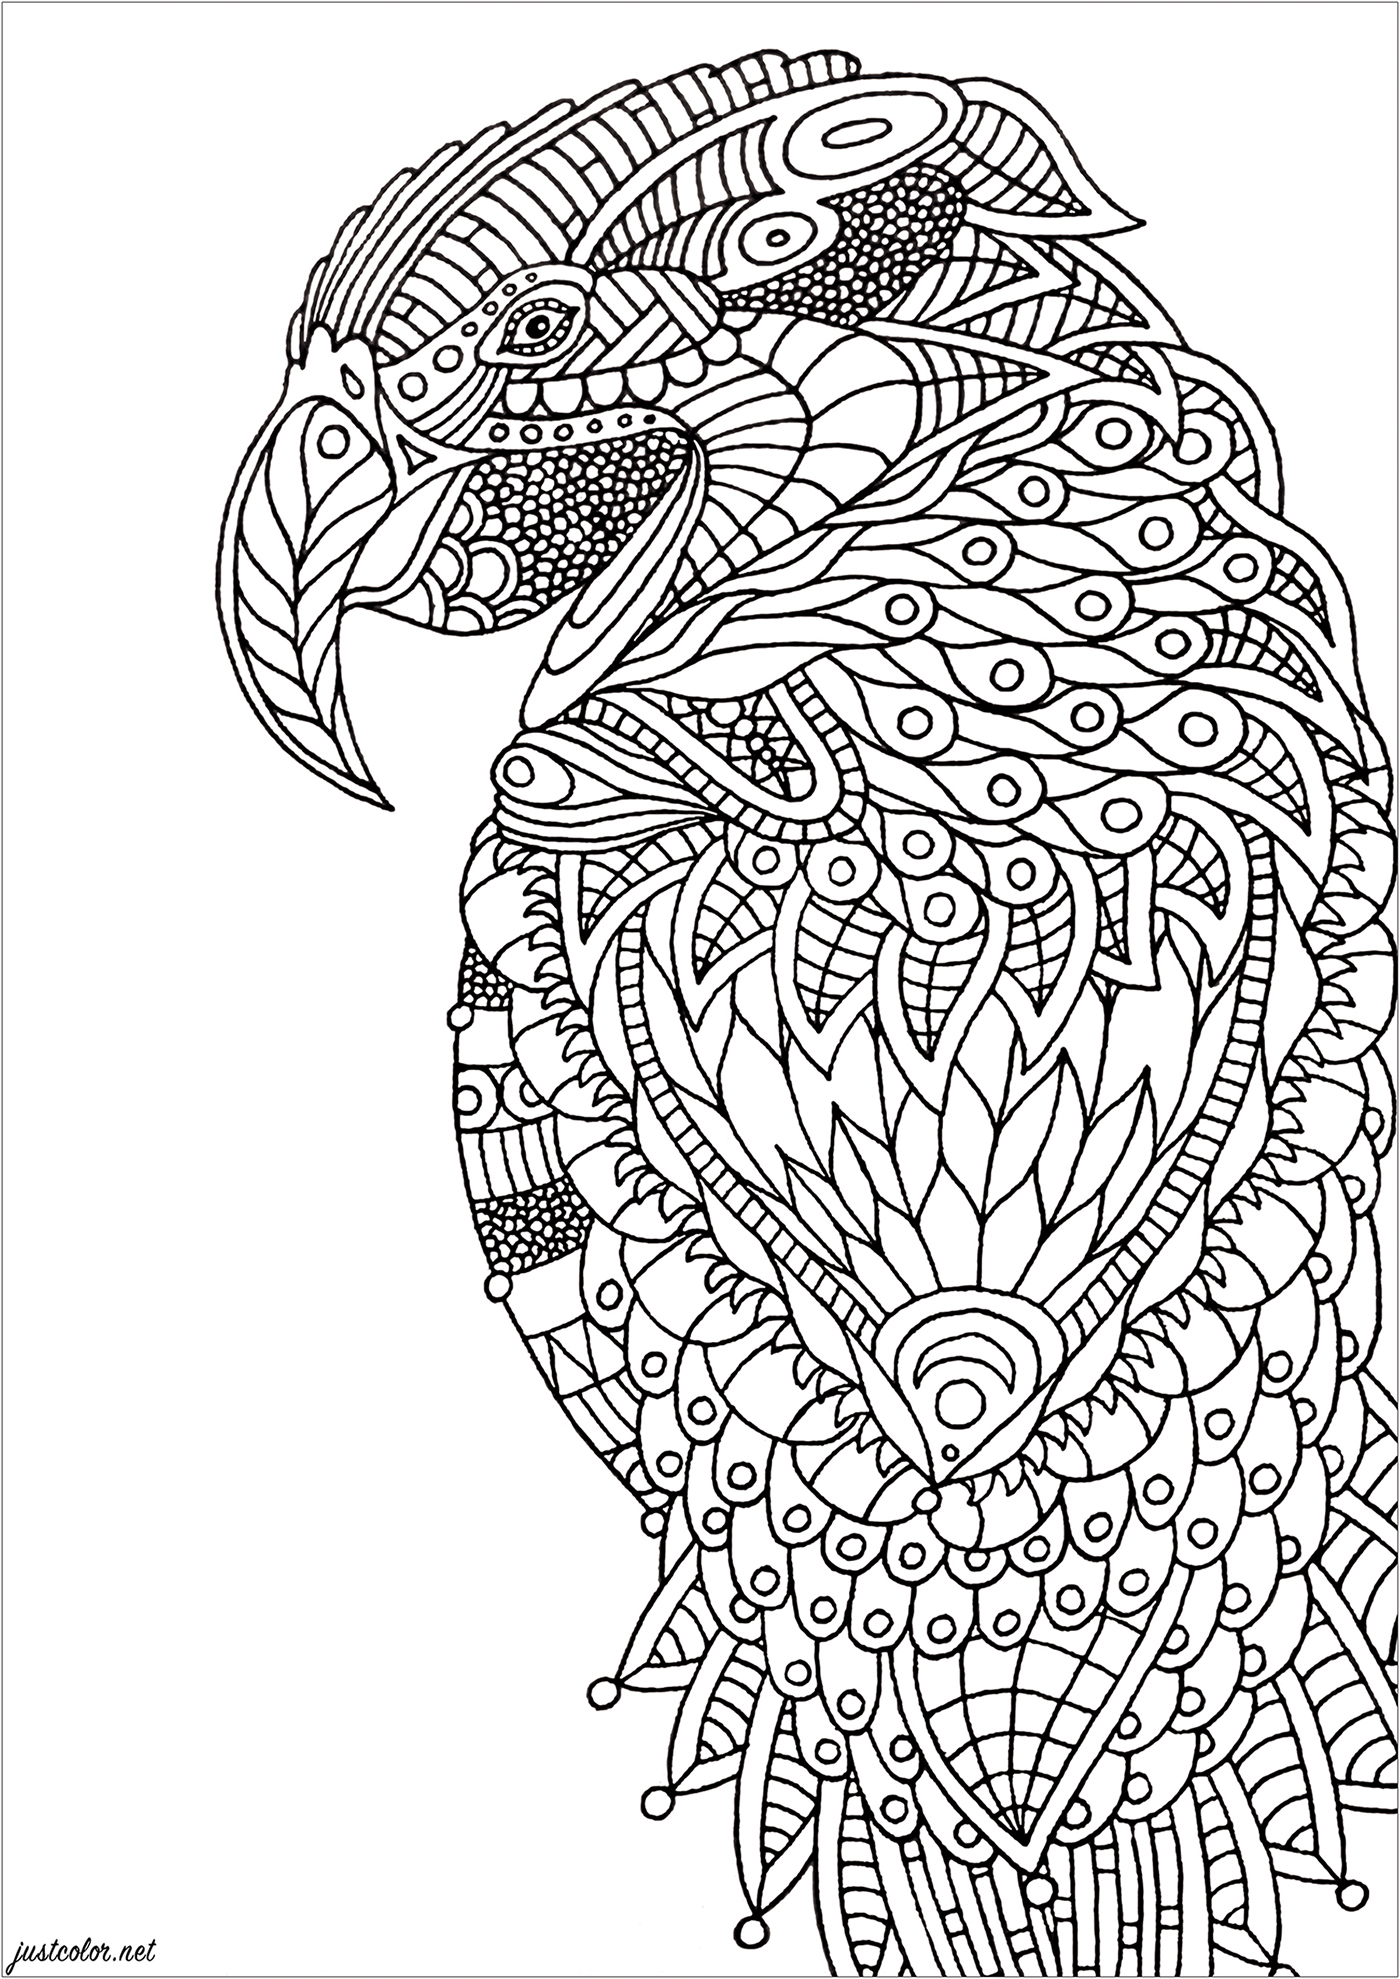 Disegni da Colorare per Adulti : Uccelli - 1